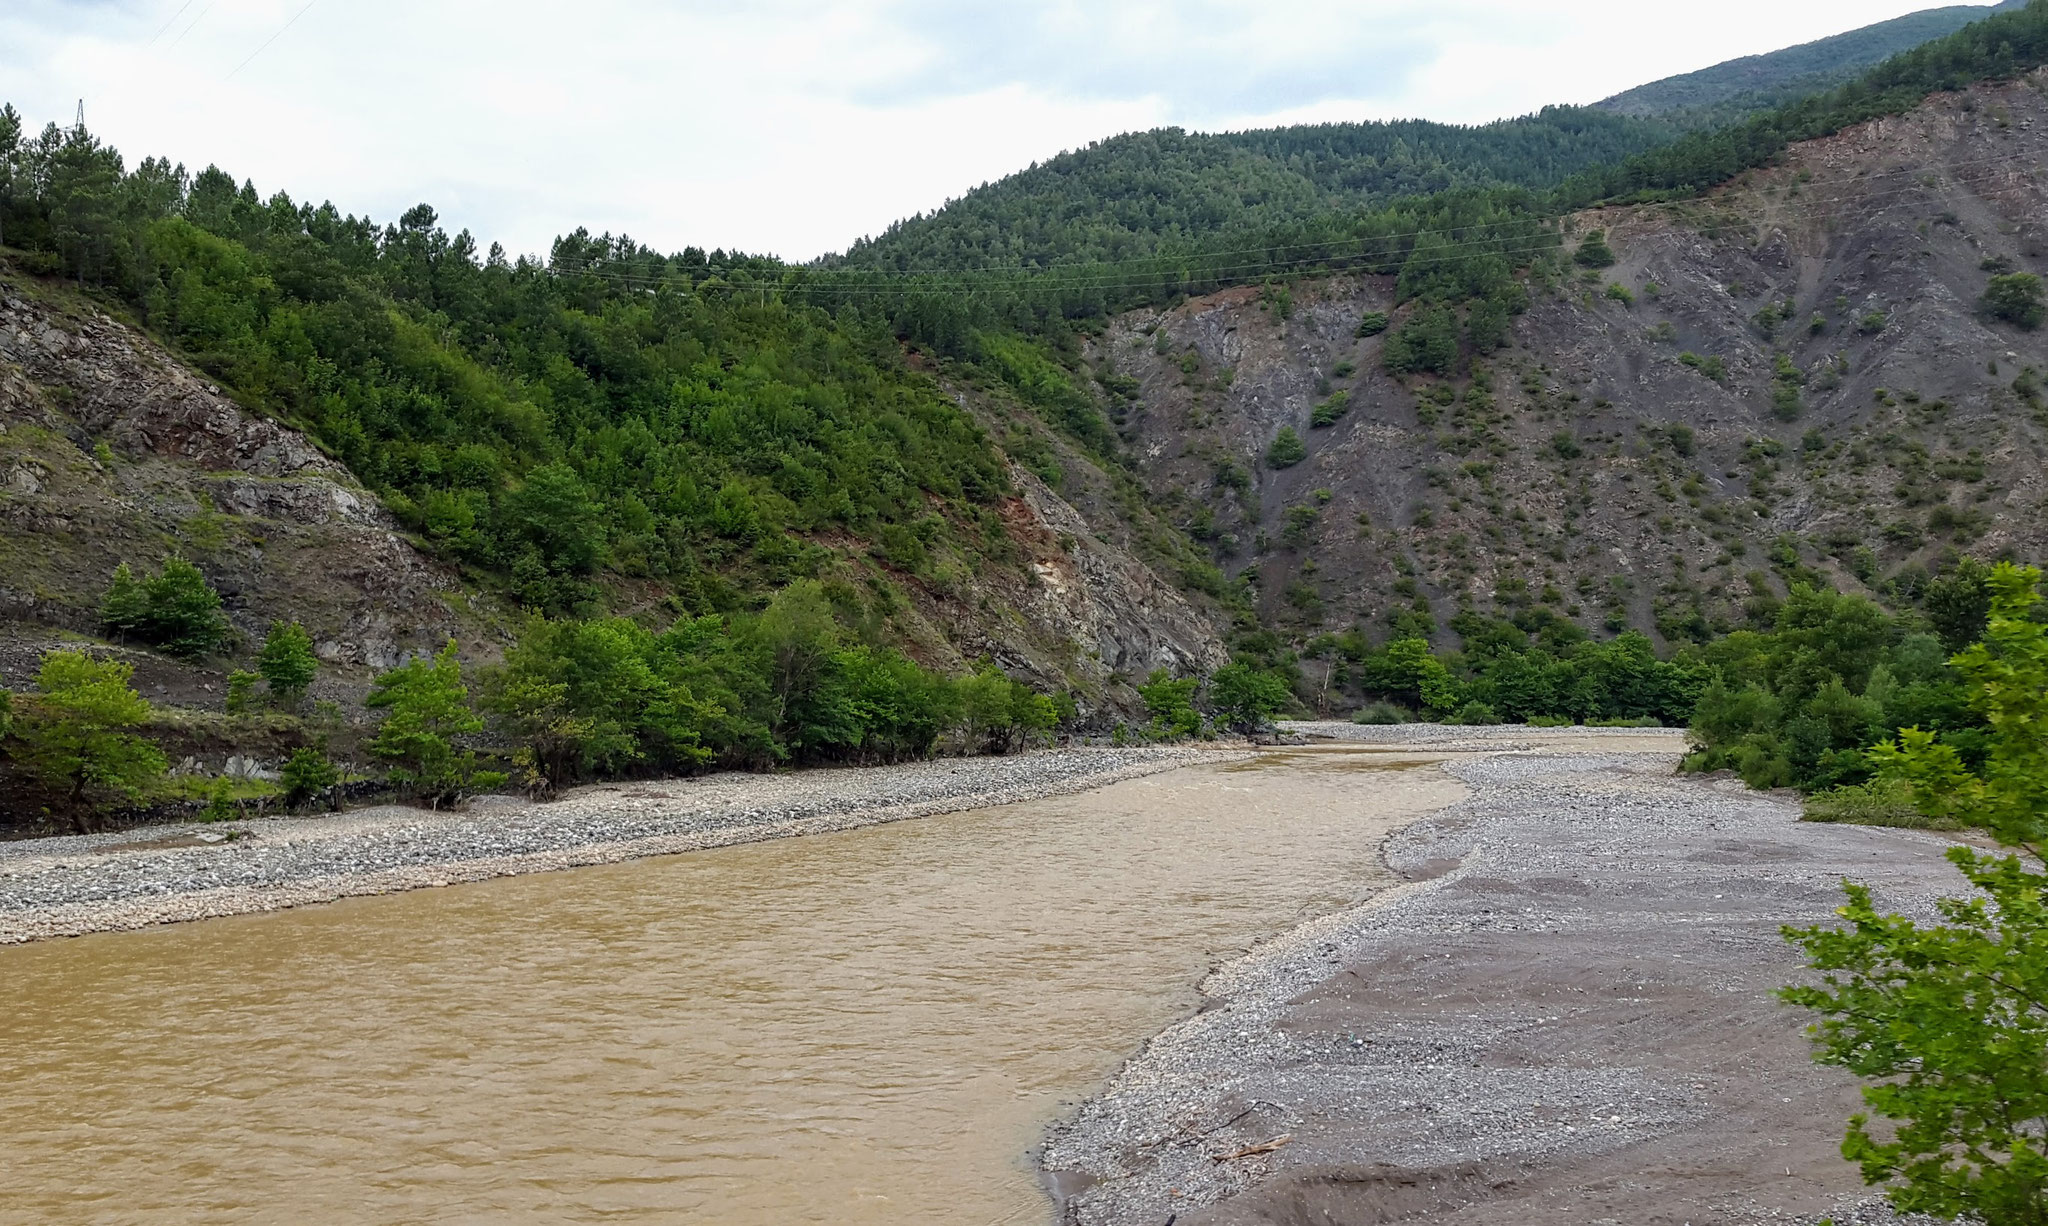 Den Flüssen sieht man den vielen Regen an